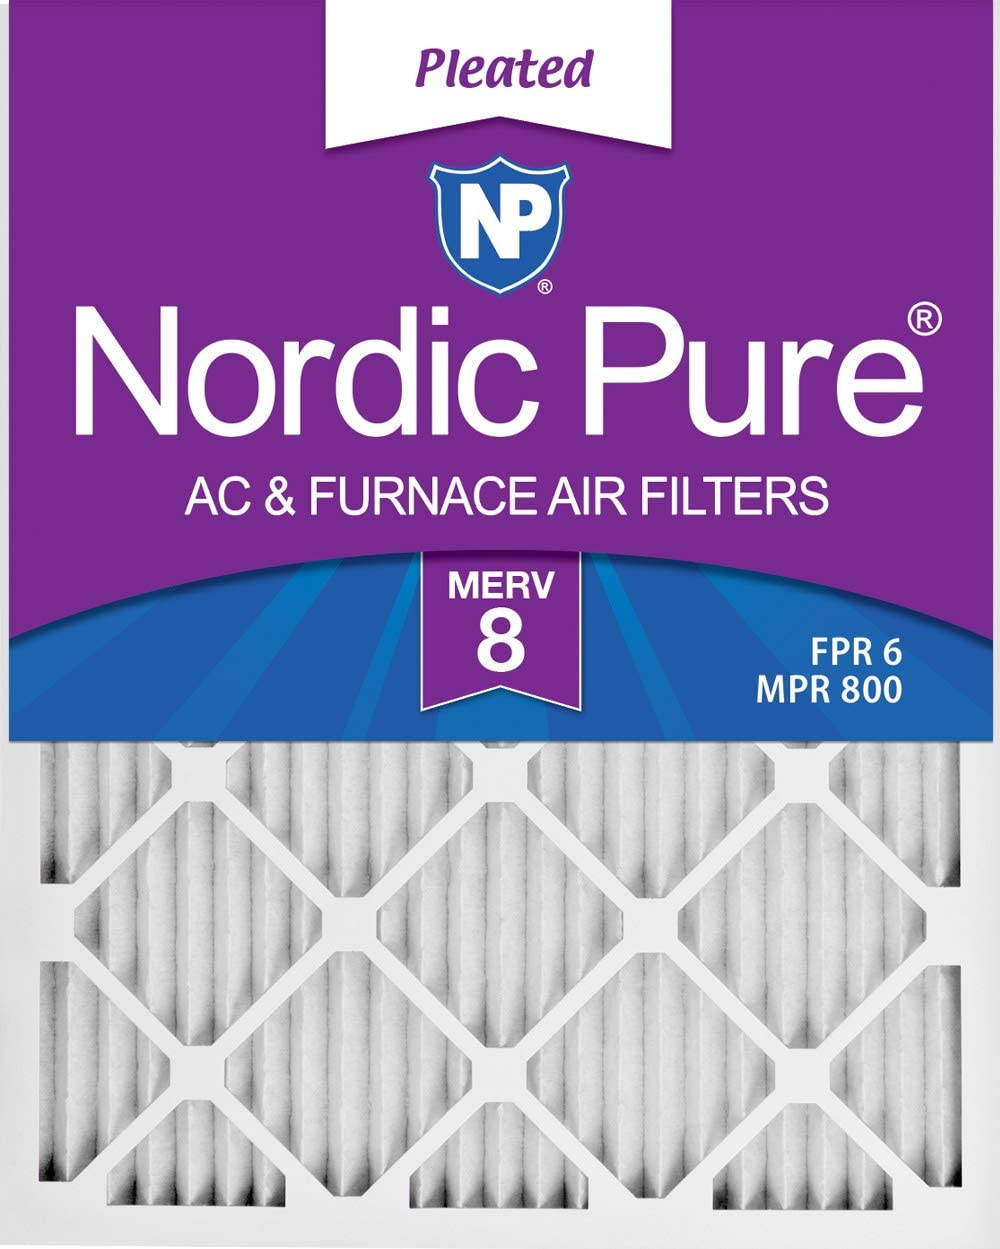 Nordic Pure 16x20x1 MERV 12 Tru Mini Pleat AC Furnace Air Filters 4 Pack